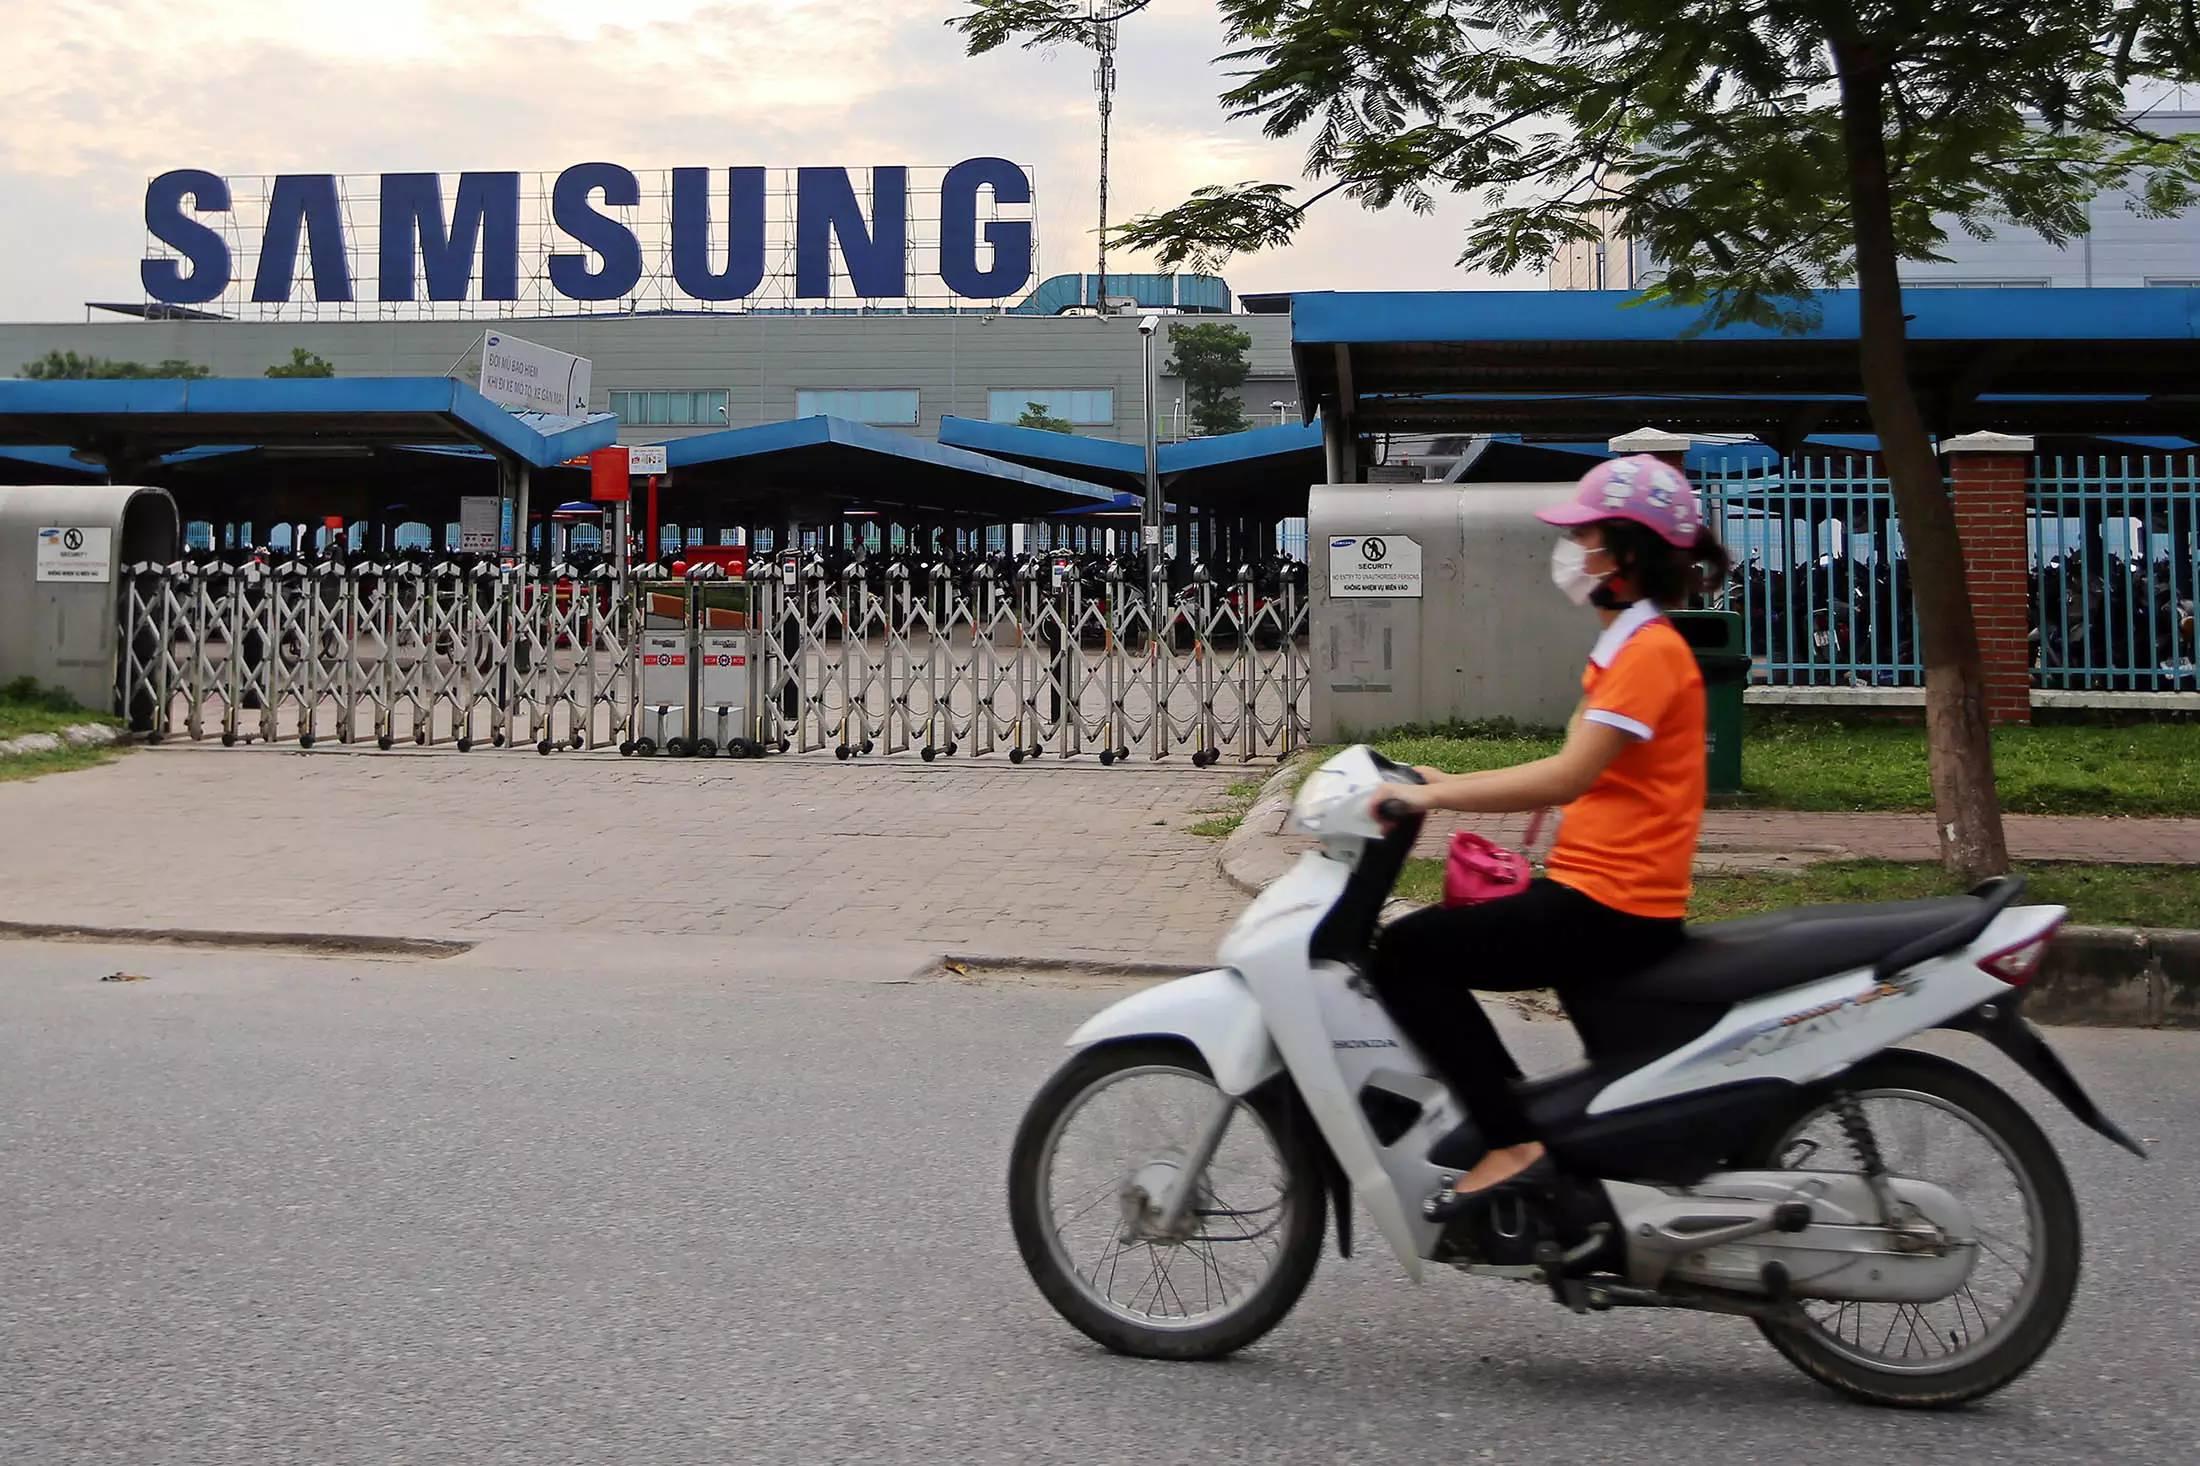 三星电子带来的意外财运?越南农民收入直逼证券经纪人!